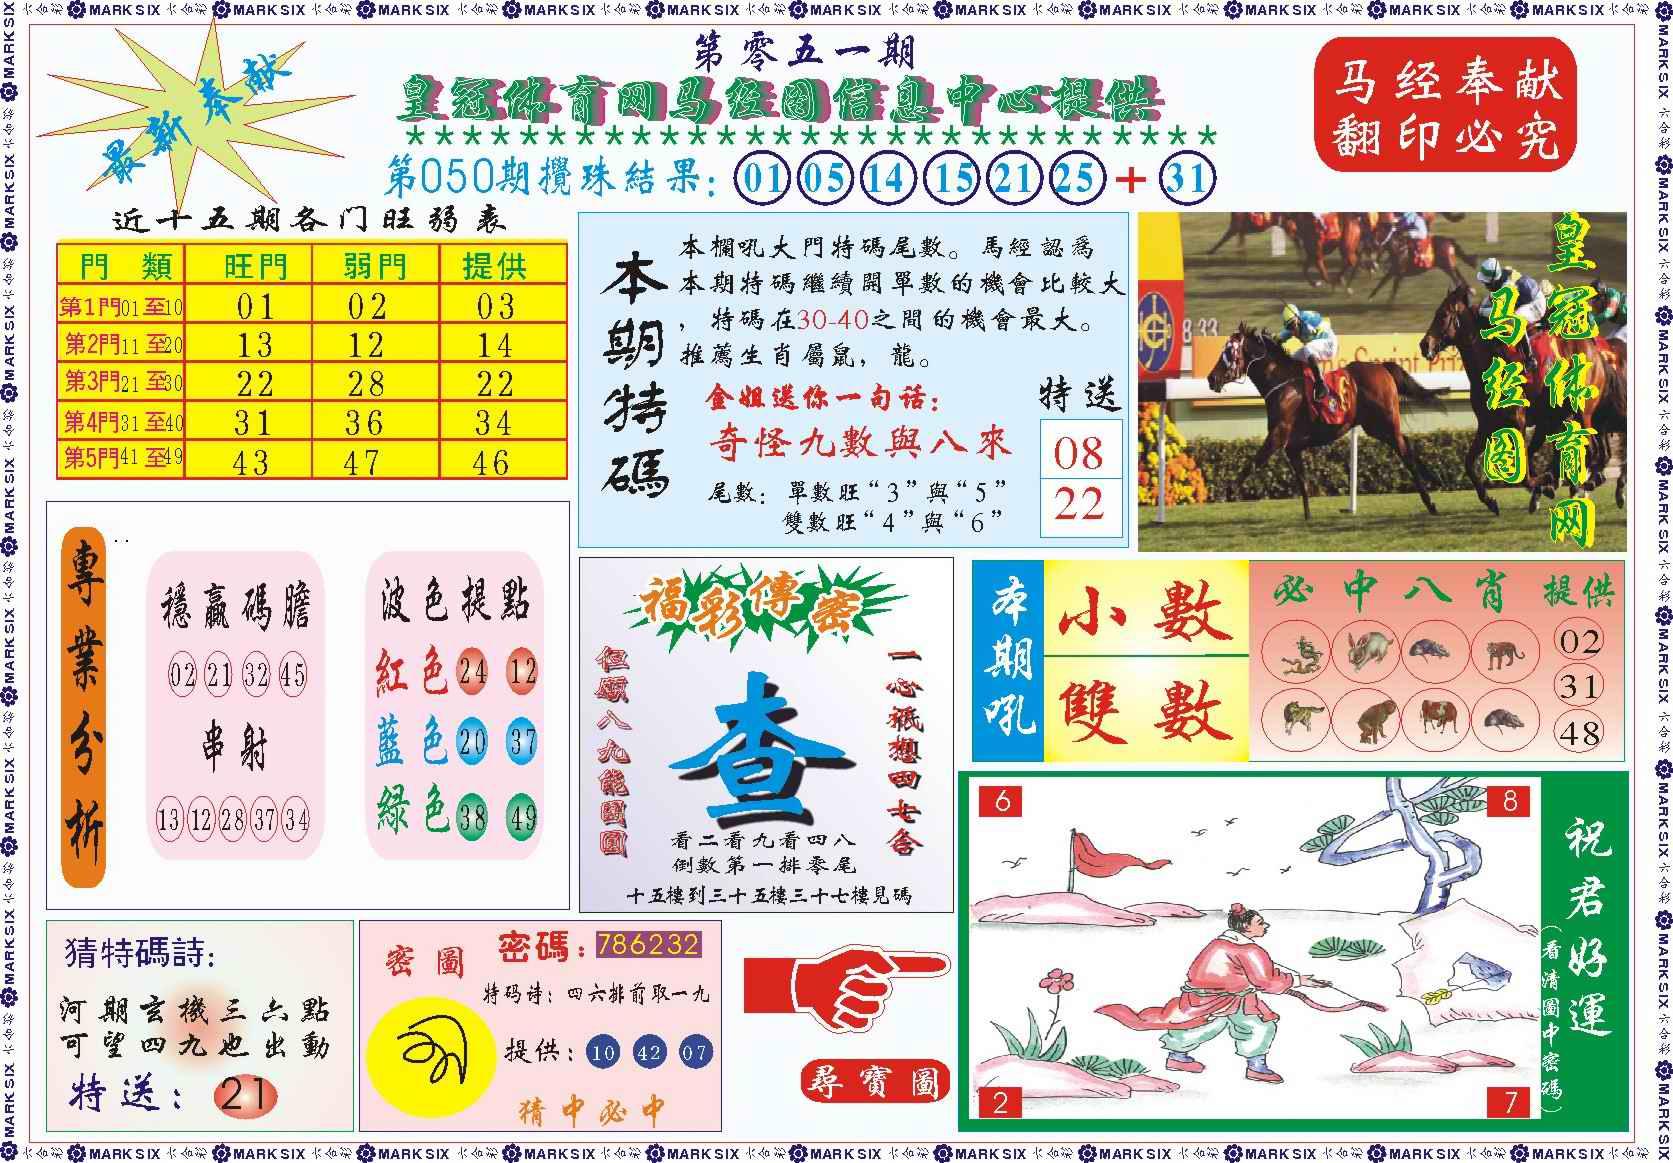 051期皇冠体育网马经图记录